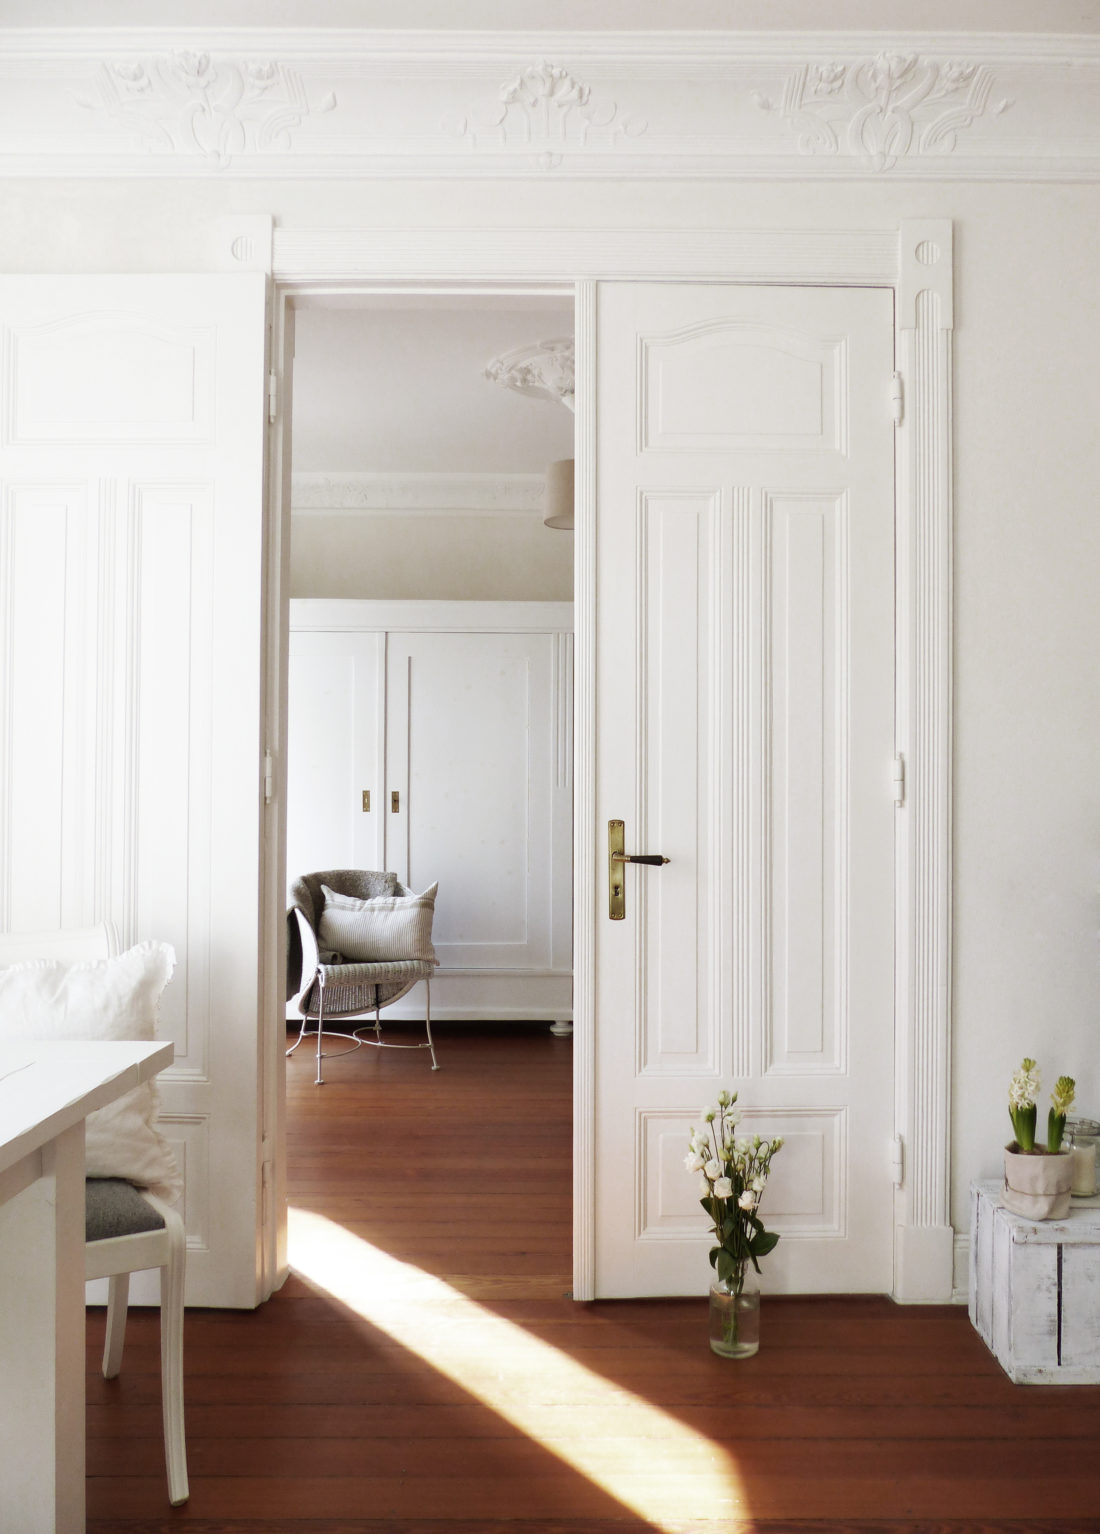 Mit Welchen Einfachen Tricks Räume Größer Wirken Lundkvist Home